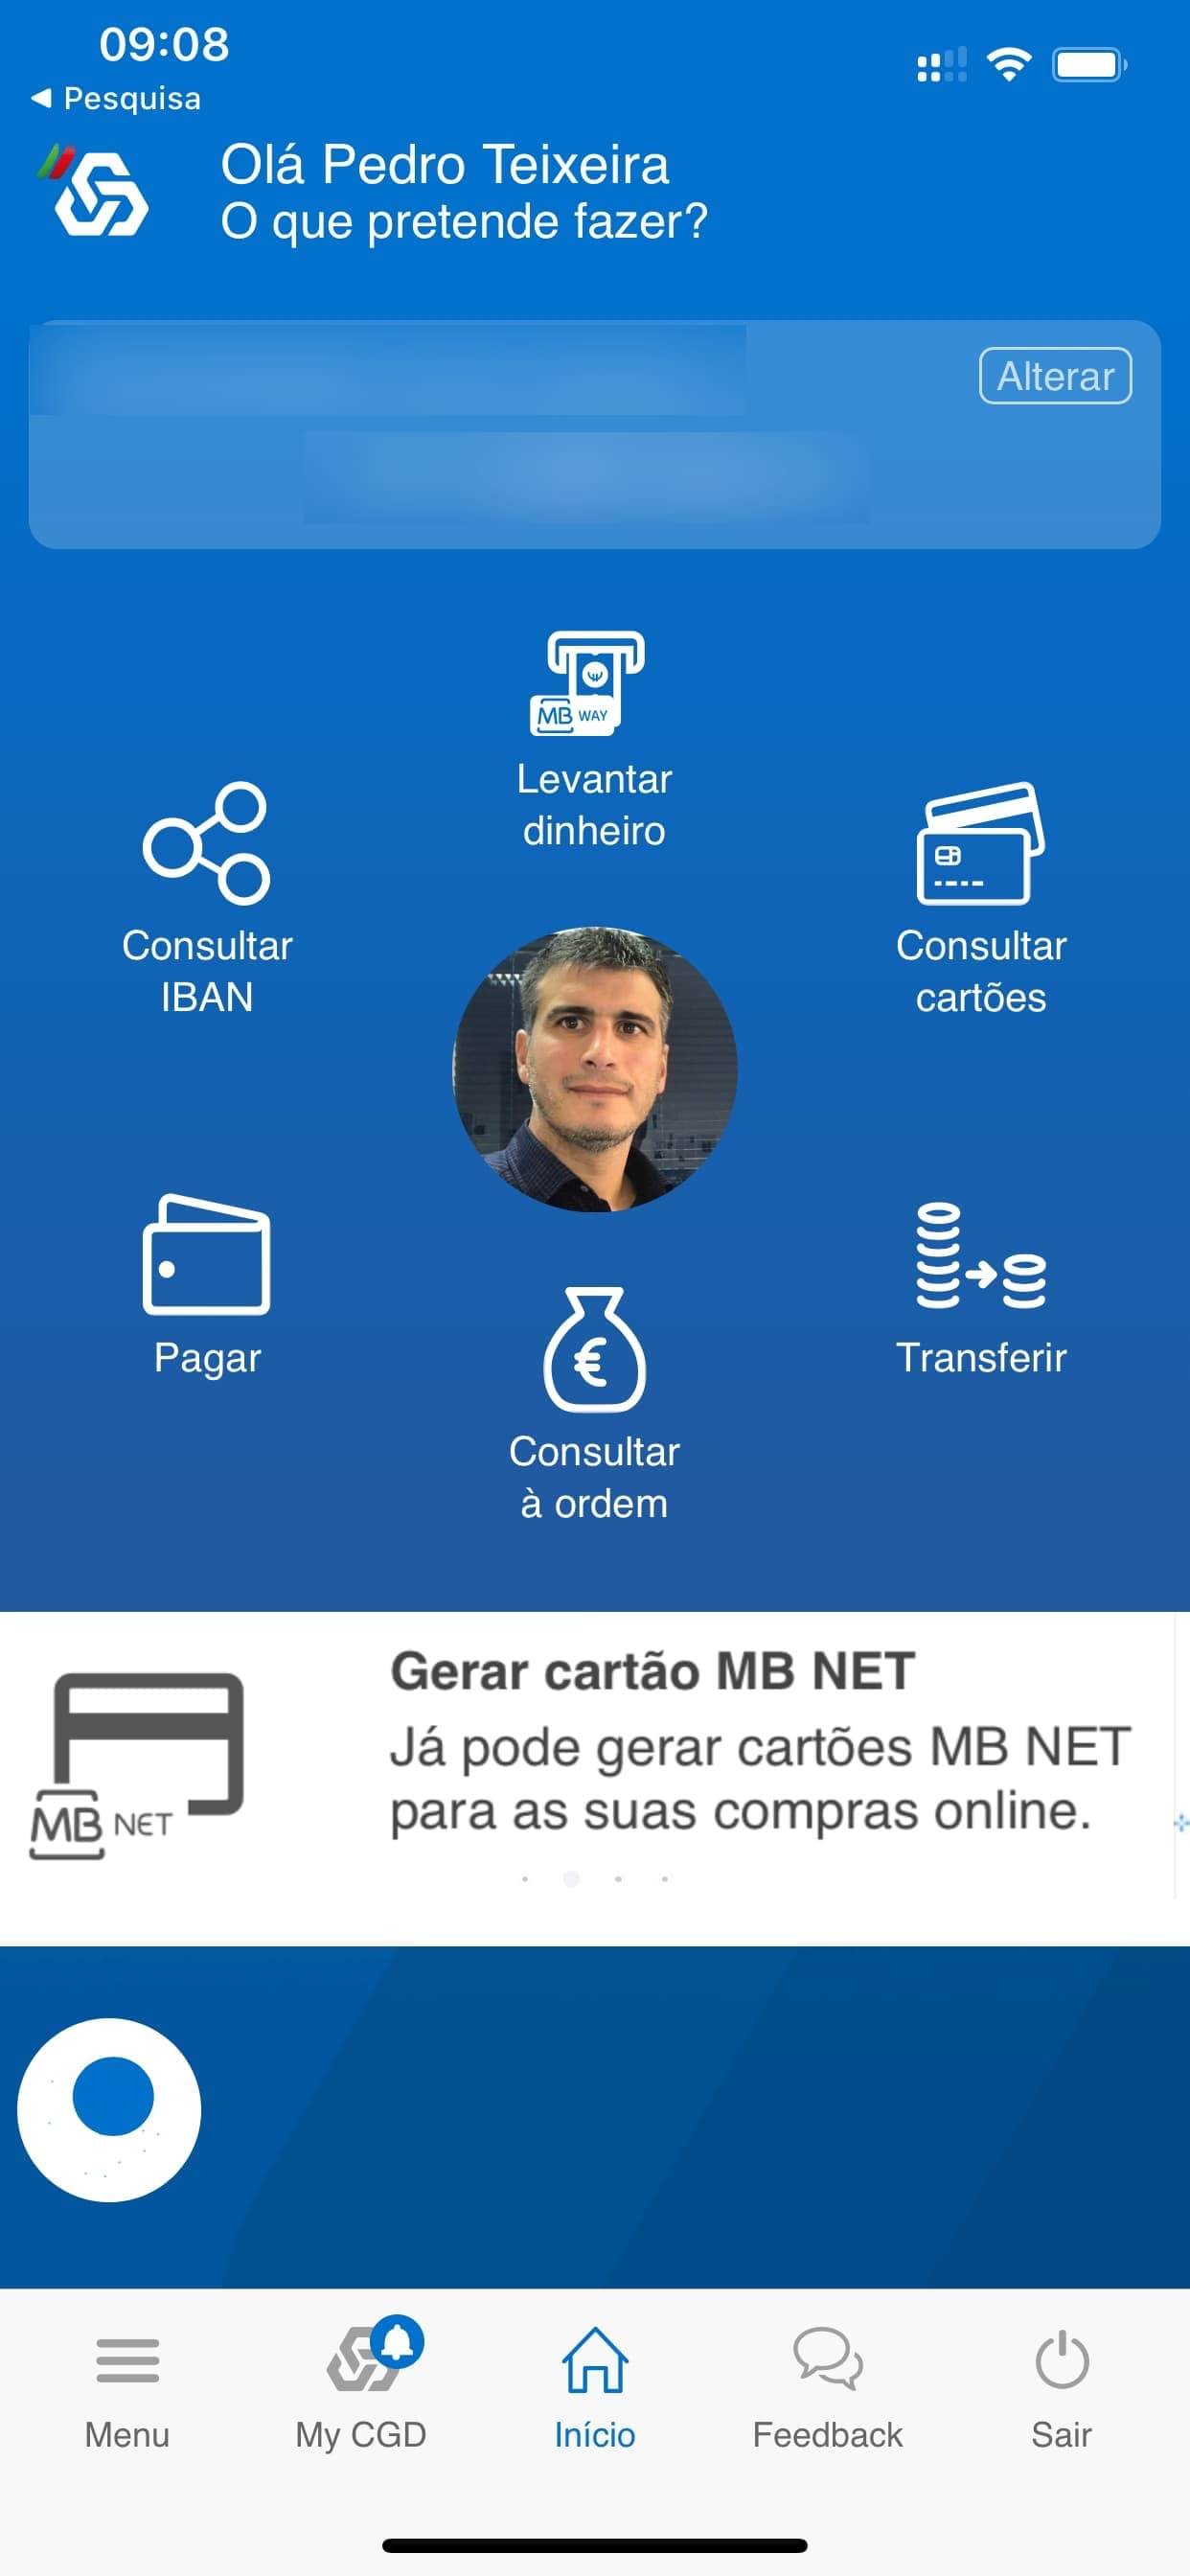 Ứng dụng Caixadirecta: Bạn đã biết Trợ lý kỹ thuật số Cai Caixa? 1